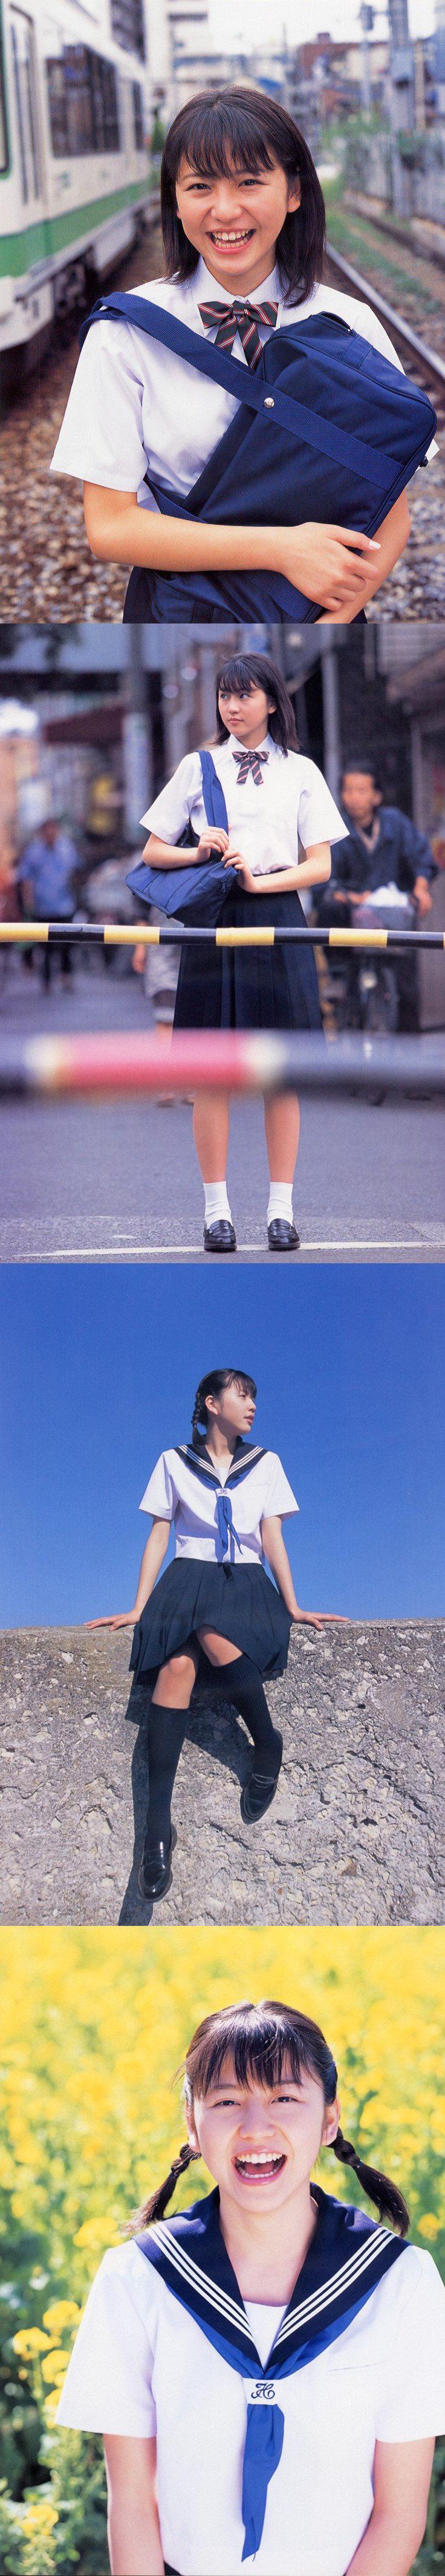 夏日女友 长泽雅美